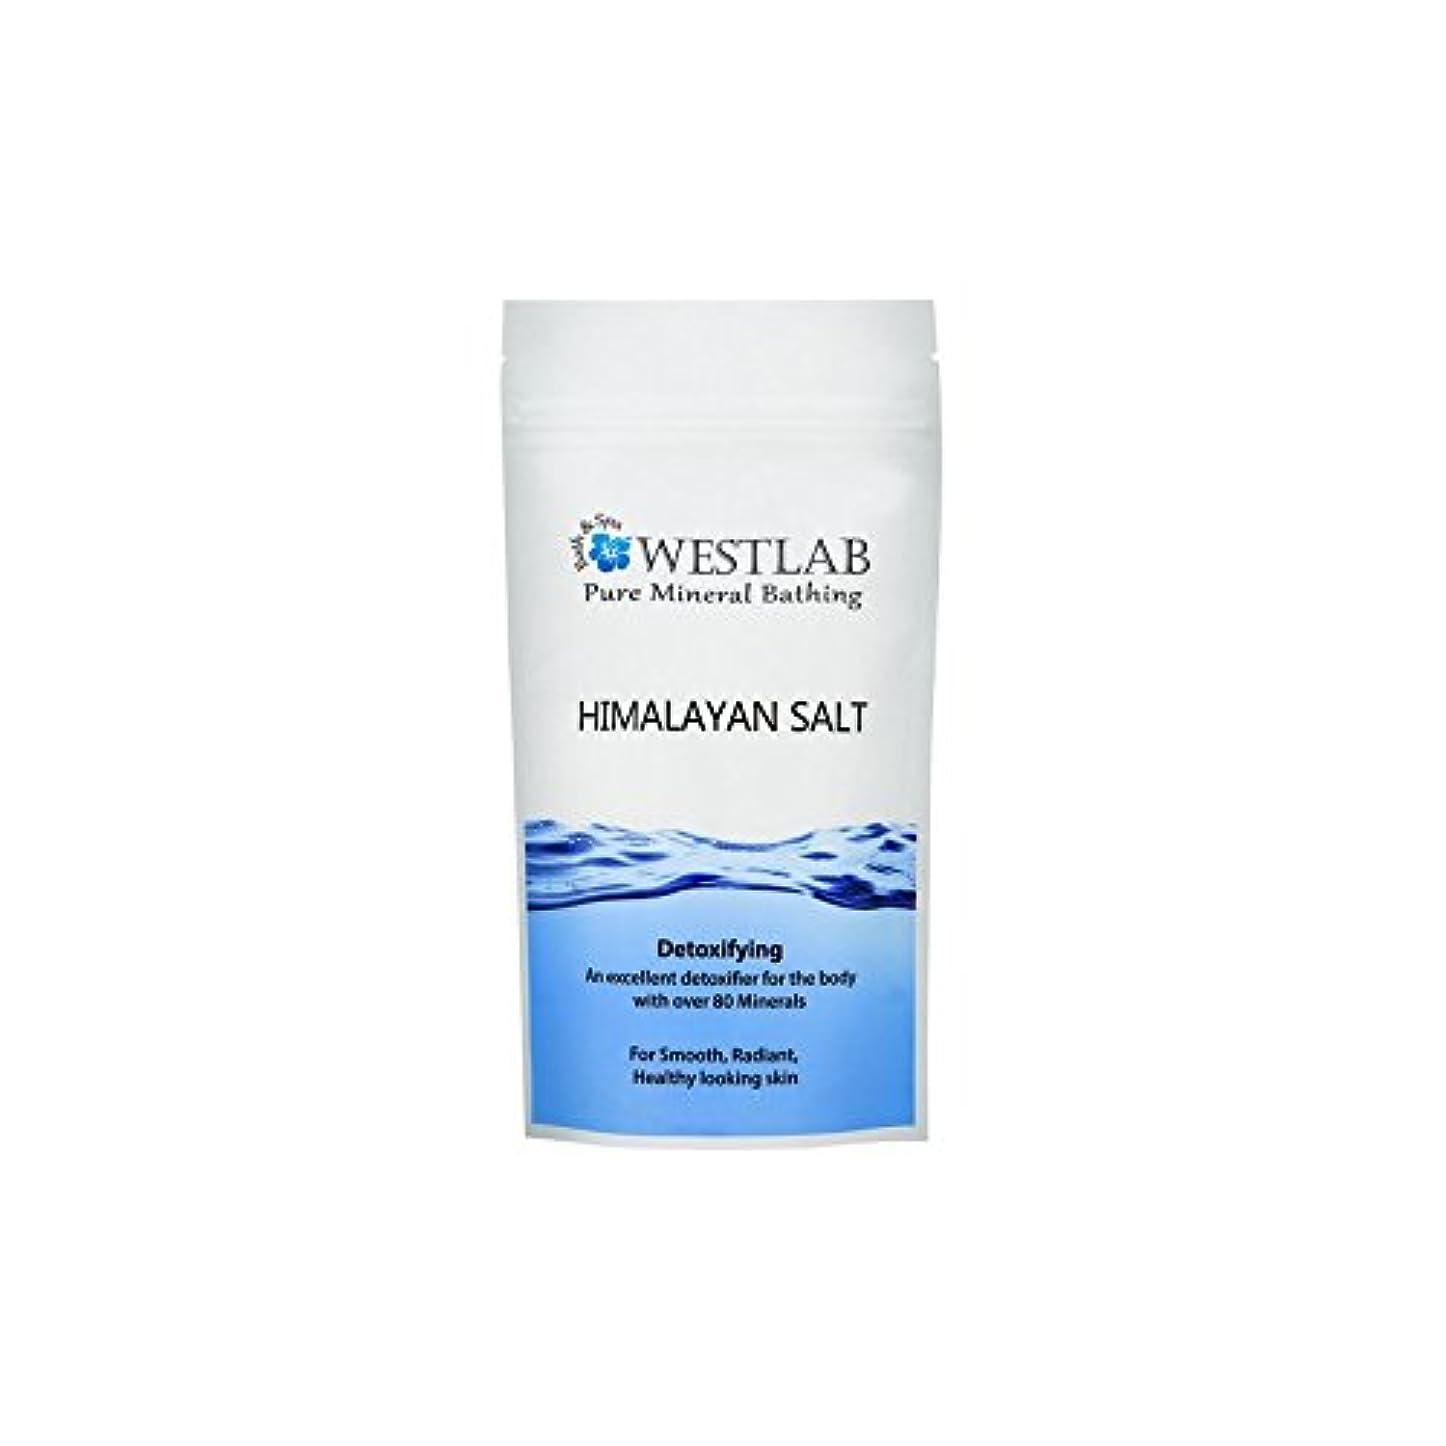 形状便利架空のWestlab Himalayan Salt 500g - ヒマラヤの塩500グラム [並行輸入品]